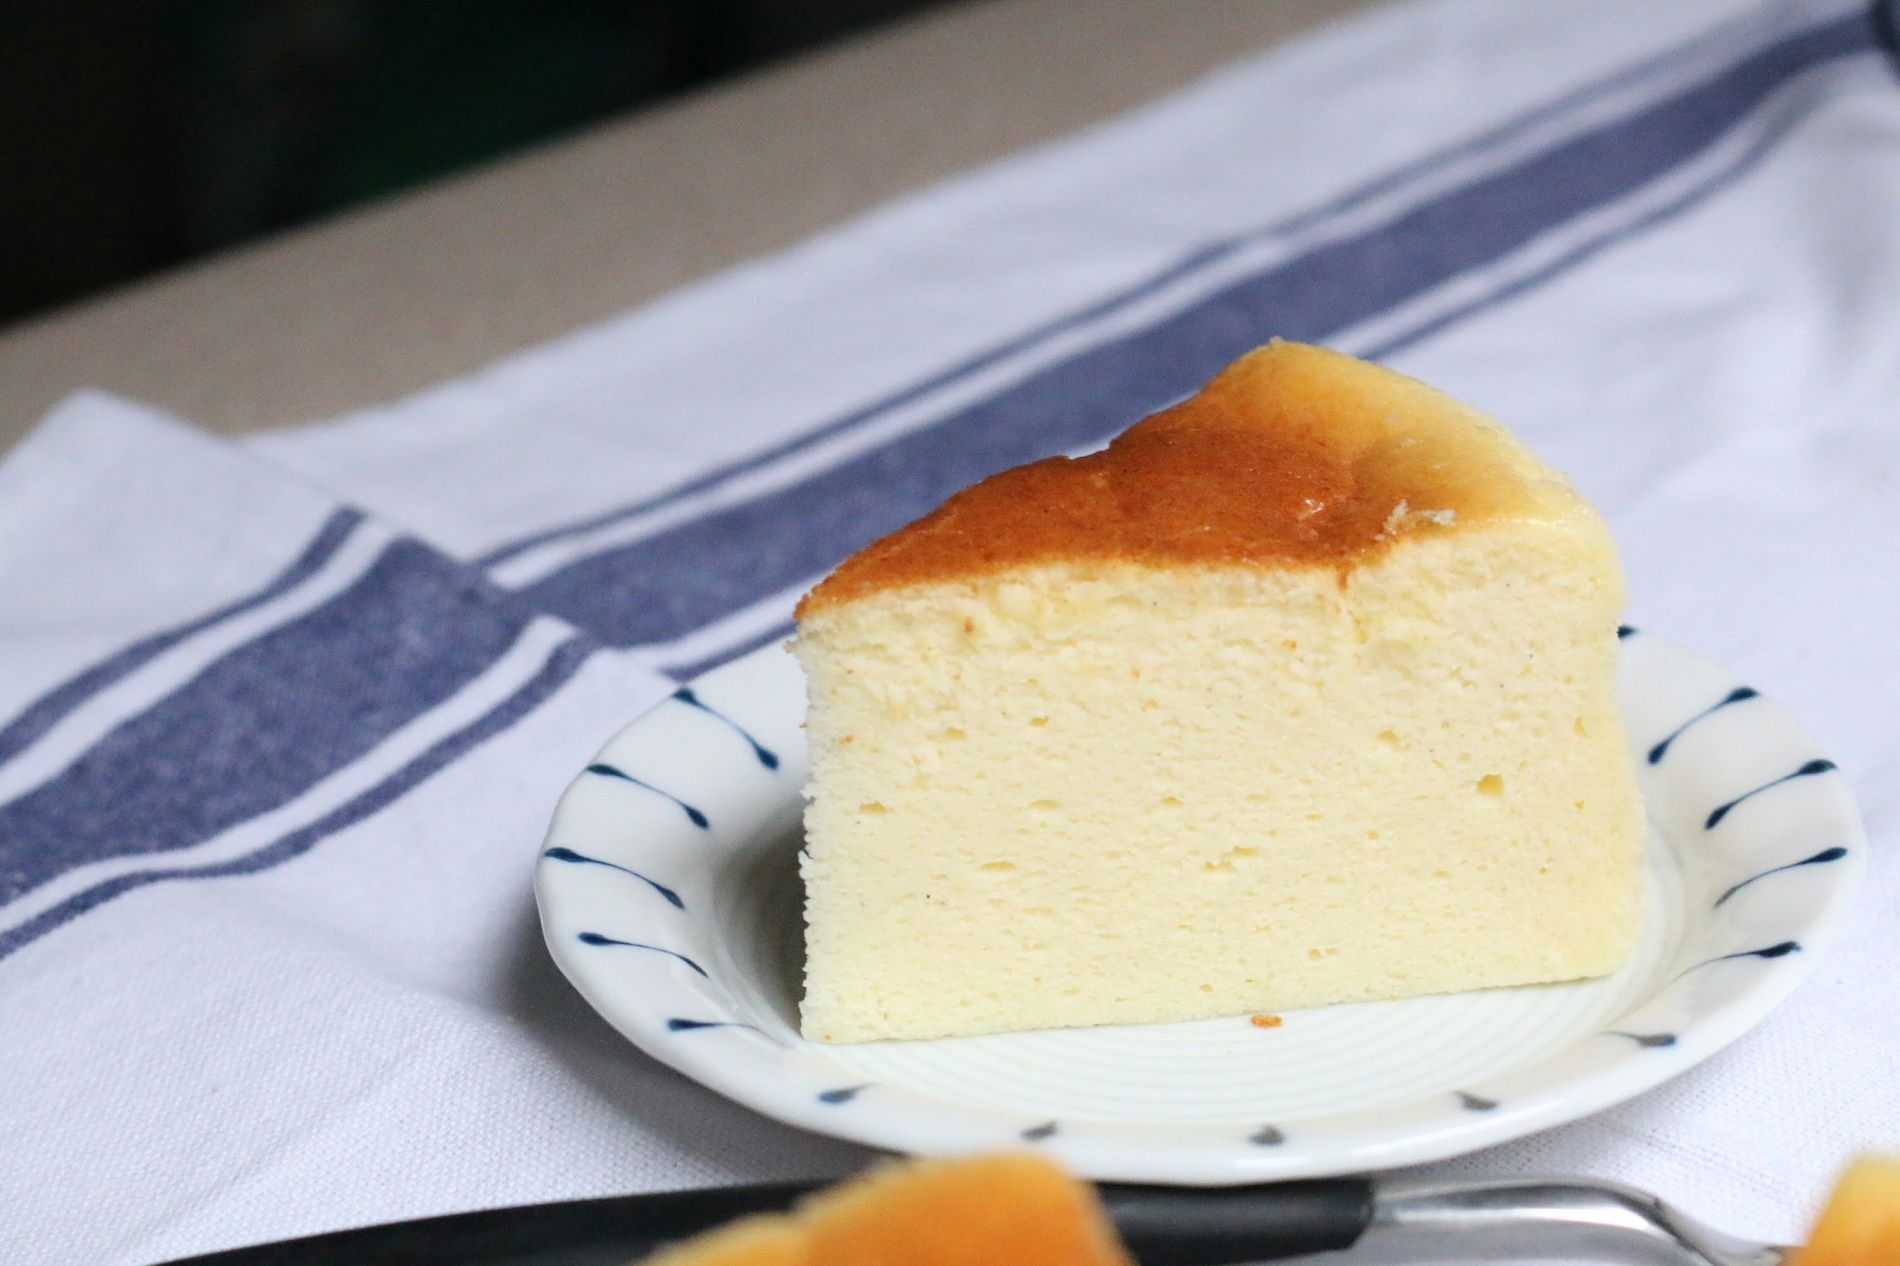 La cheesecake che si fa con soli 3 ingredienti: la ricetta